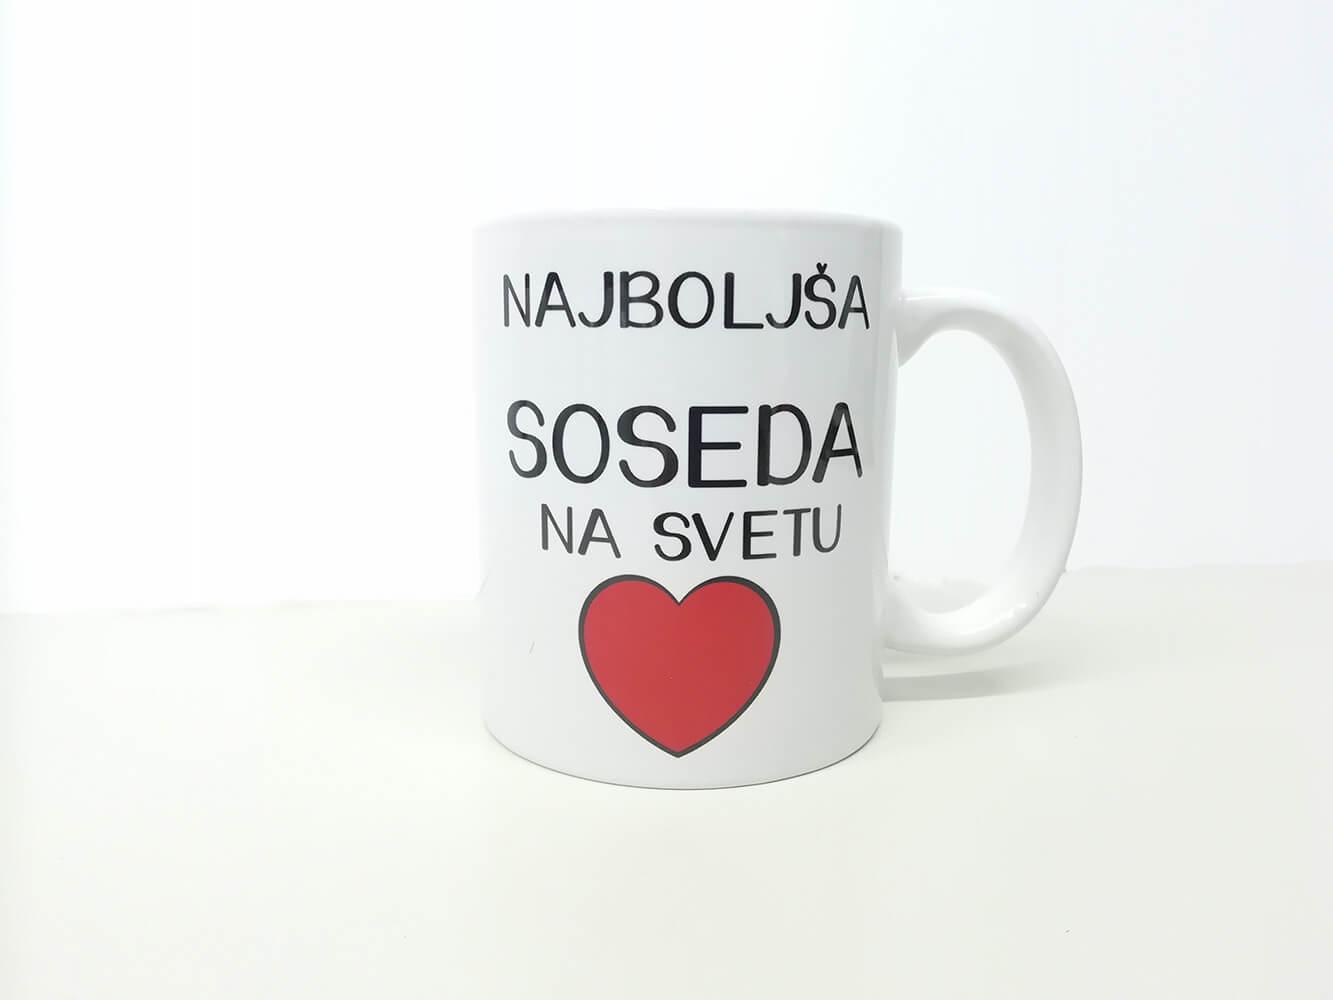 soseda, darilo_za_sosedo, darilo, skodelica, tiskana-skodelica, najboljsi_na_svetu, rerum